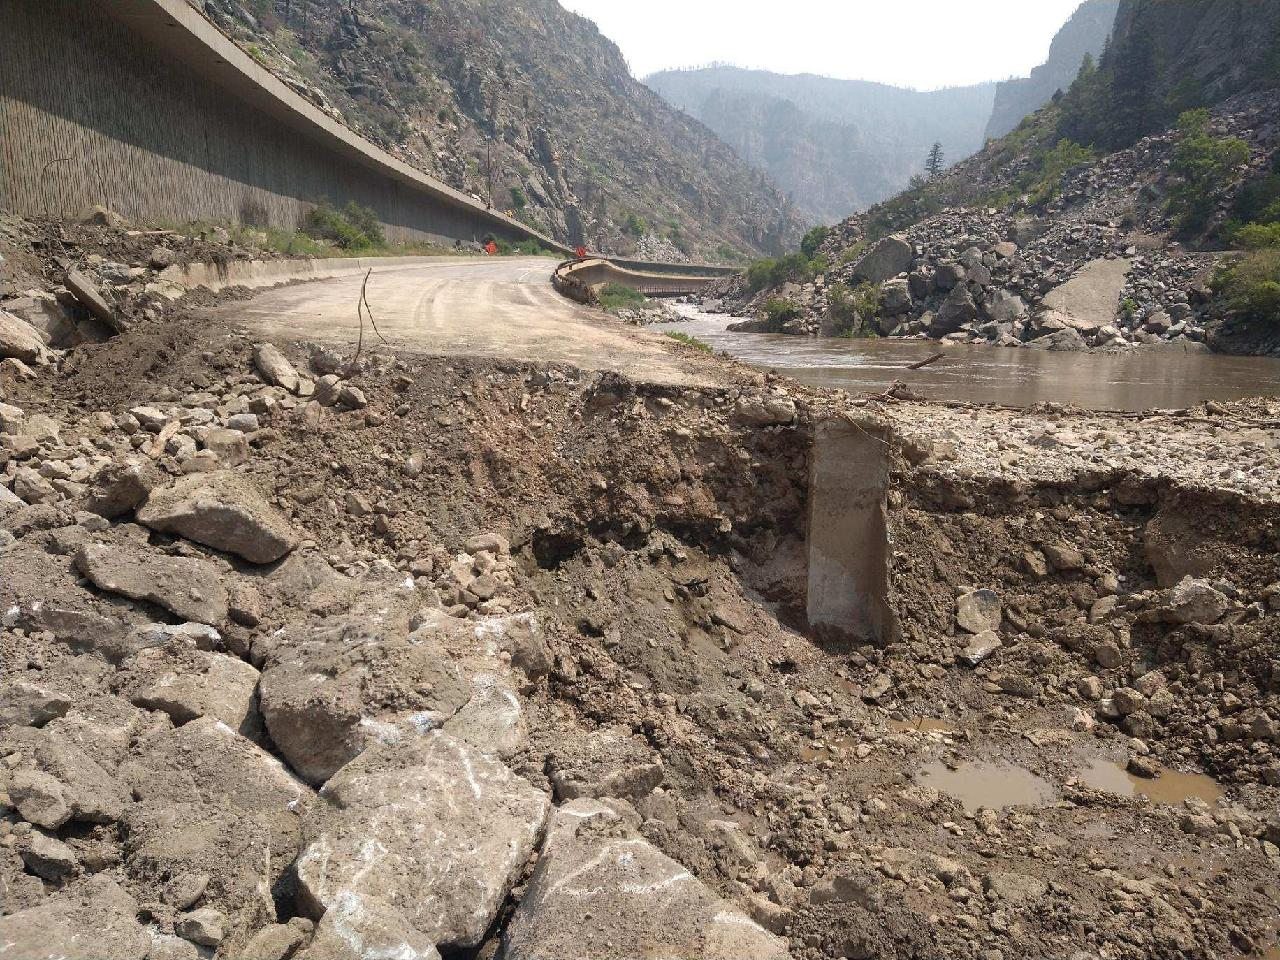 Glenwood Canyon I-70 damage